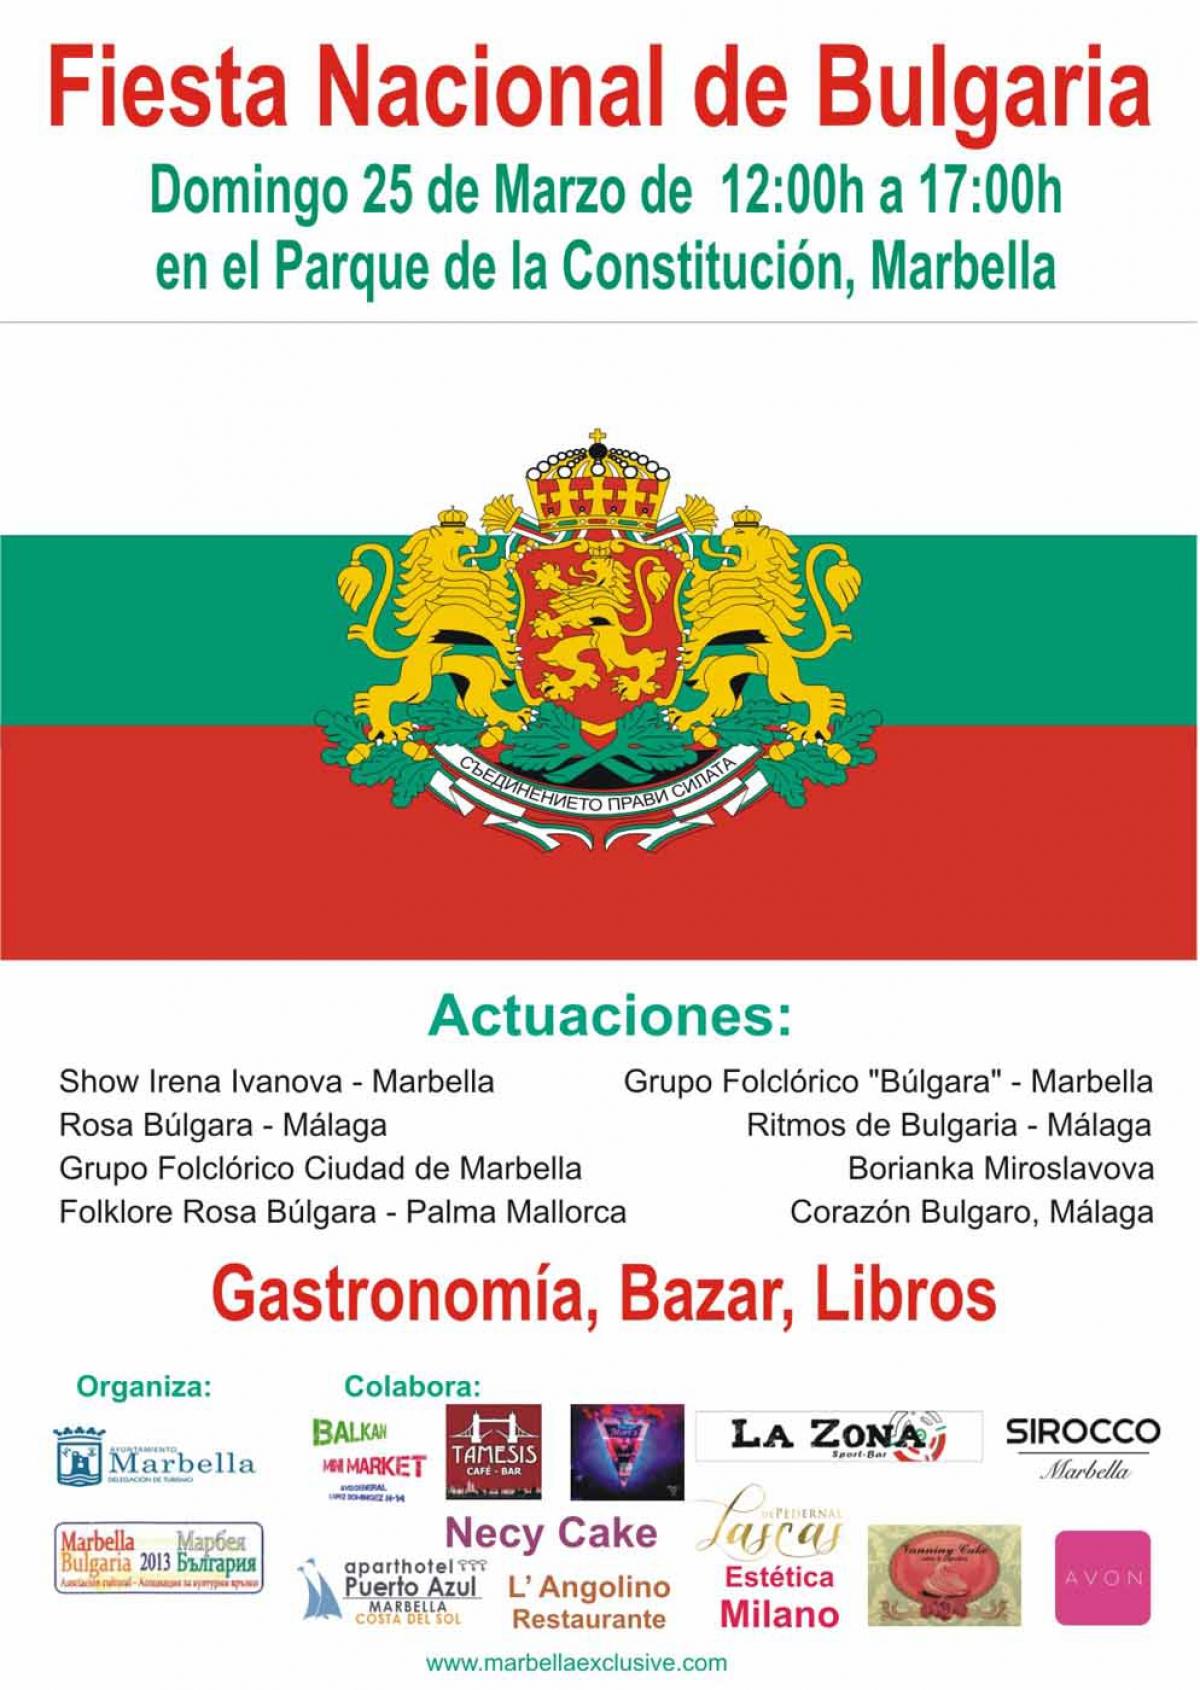 La Fiesta Nacional de Bulgaria se celebrará el domingo 25 de marzo en el Parque de la Constitución